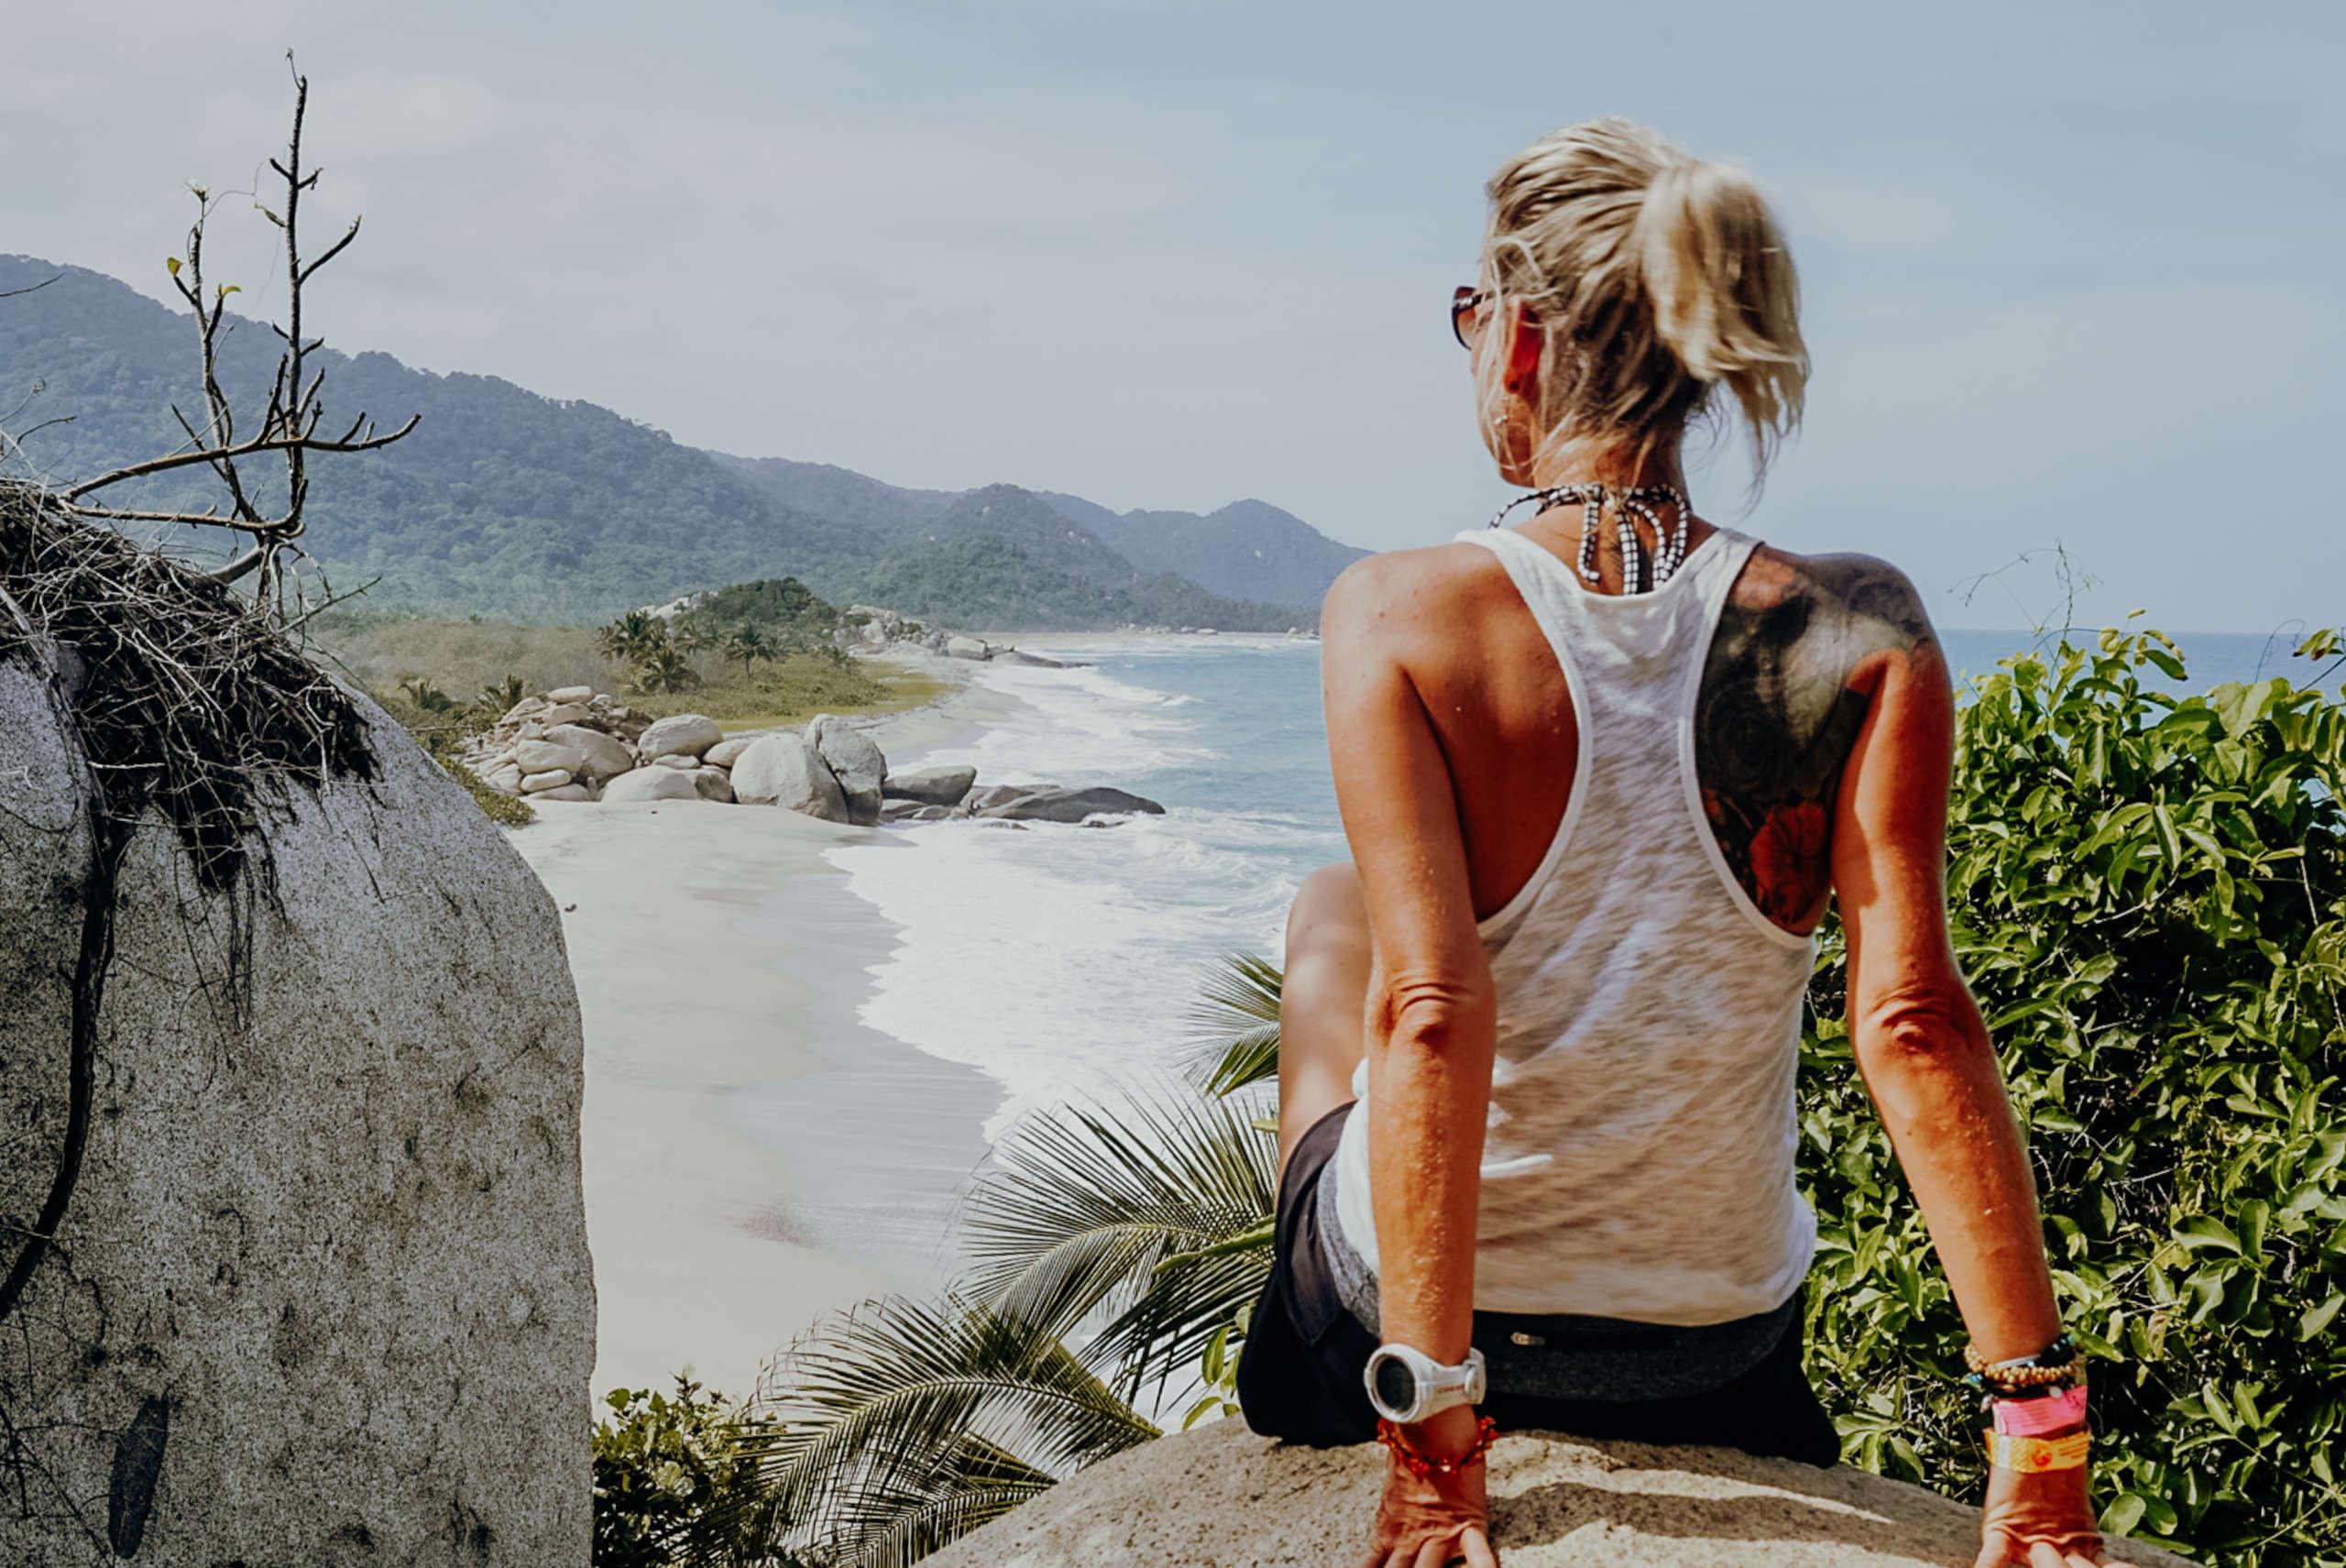 Eine Frau die auf einem Fels sitzt mit dem Meer im Hintergrund.